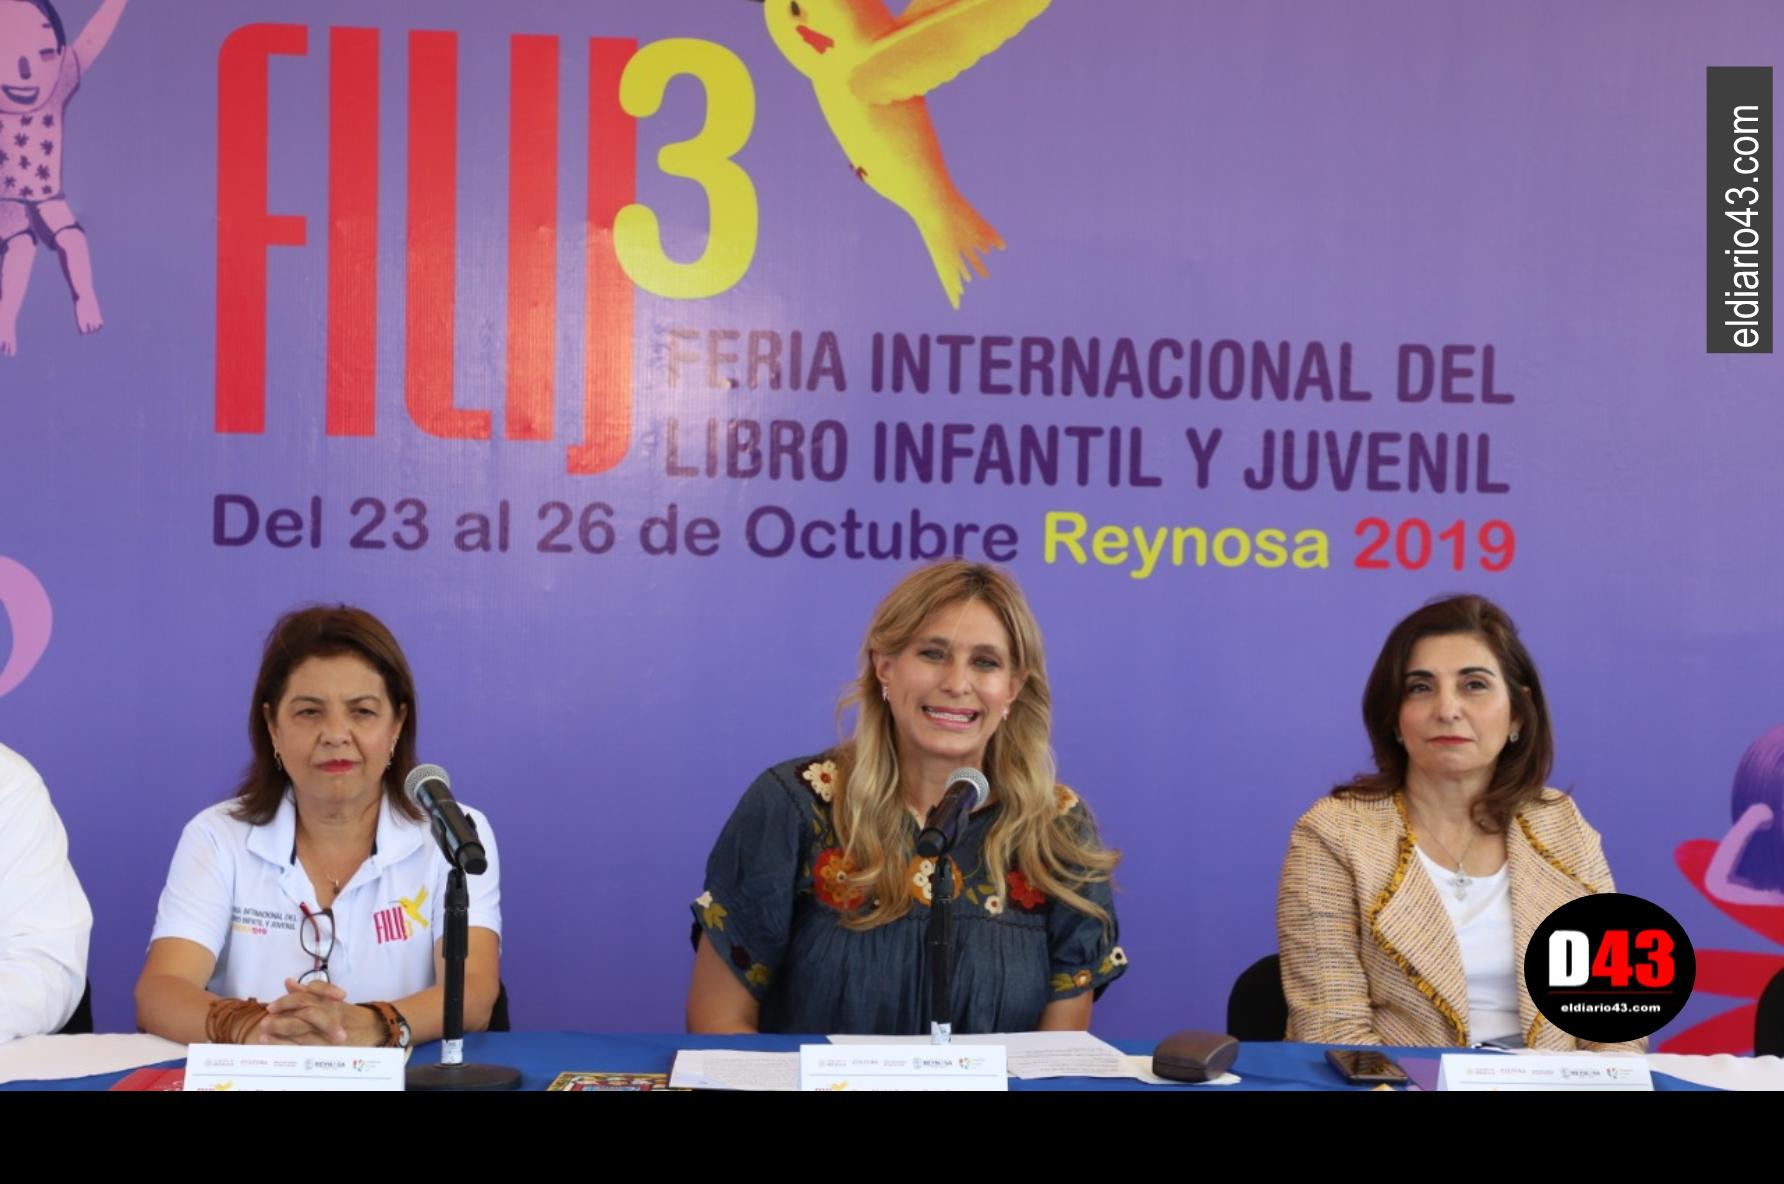 Invita Gobierno de Reynosa a la Feria Internacional del Libro Infantil y Juvenil